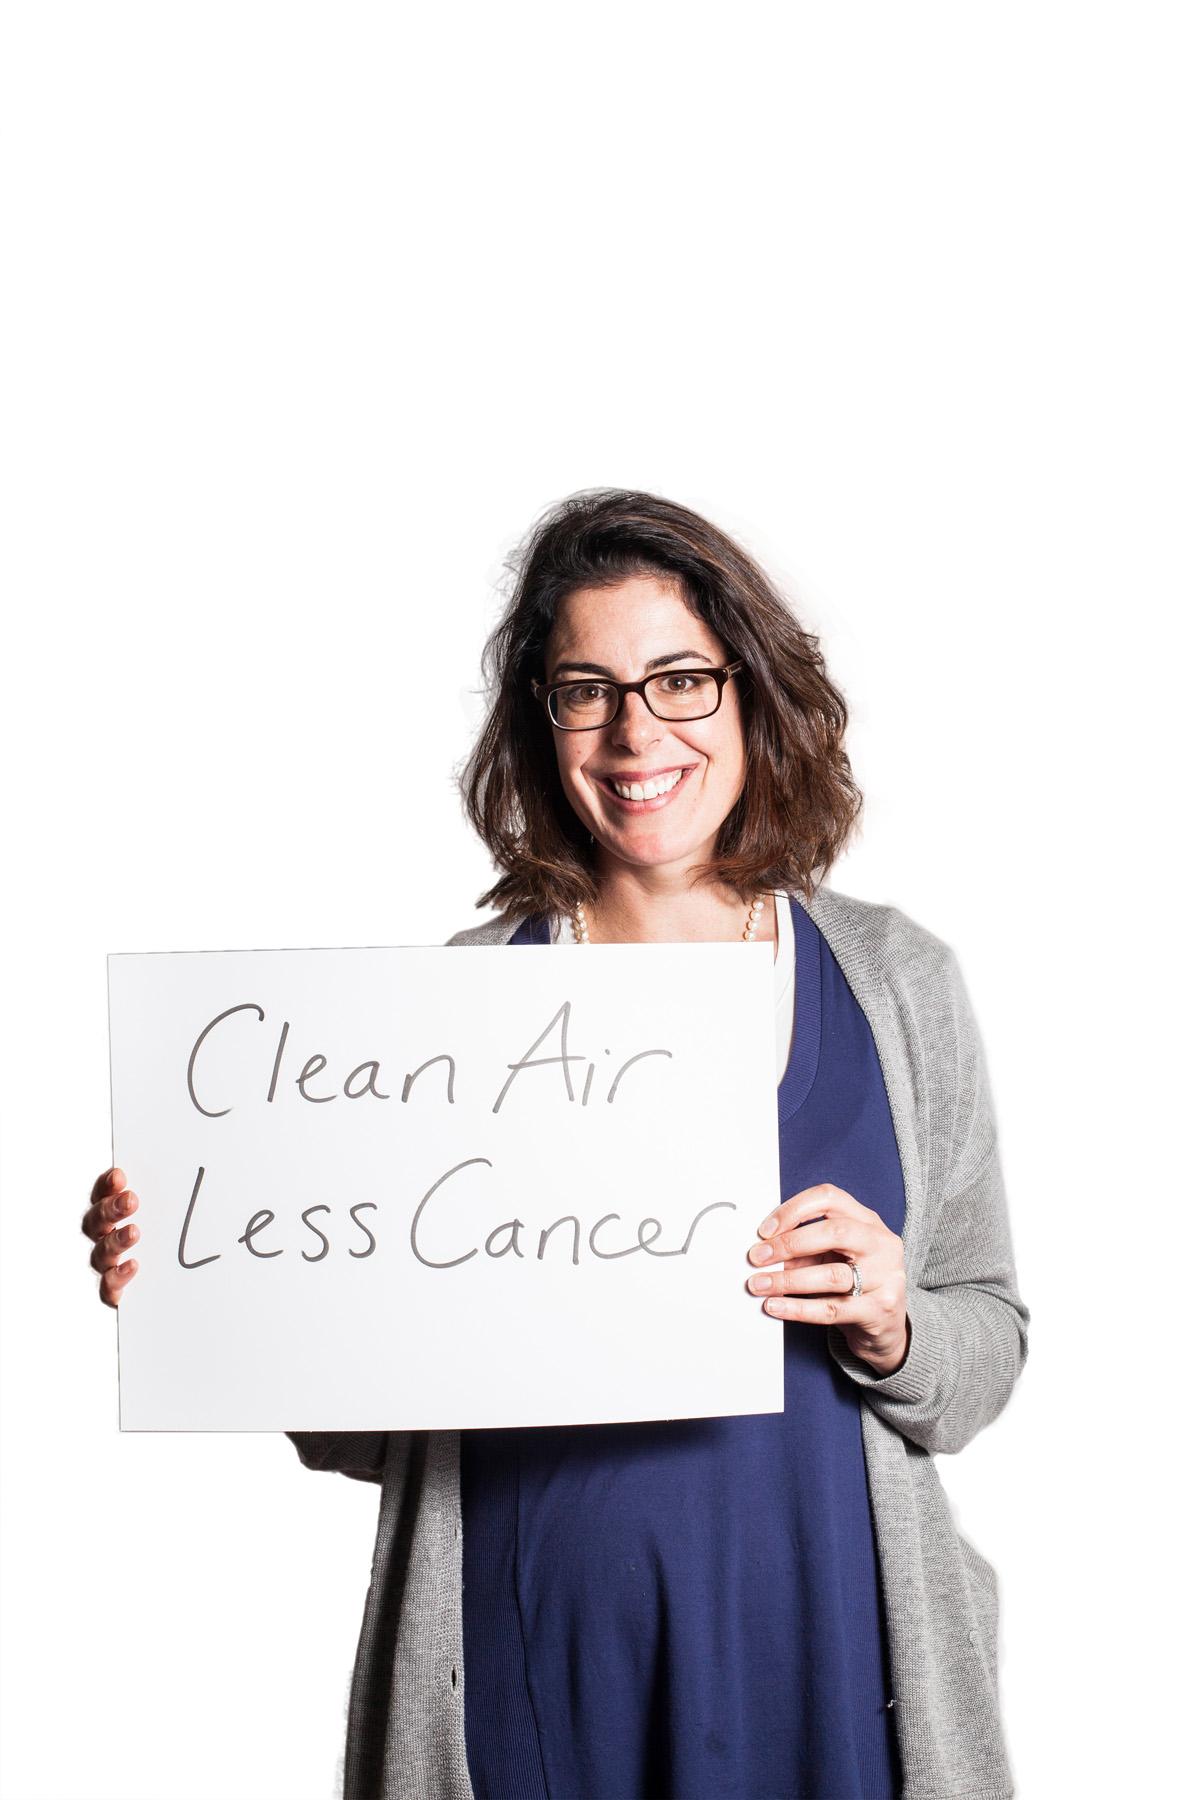 clean_air_less_cancer.jpg